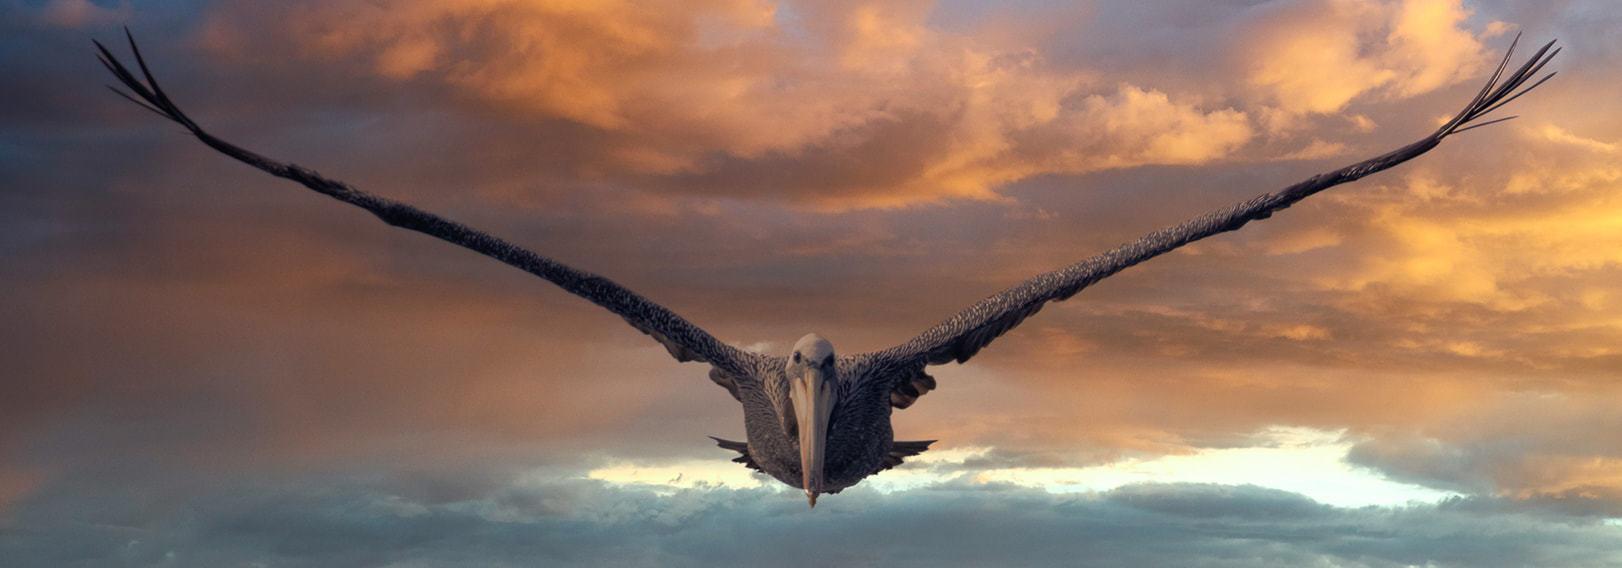 pájaro en vuelo visto desde el frente